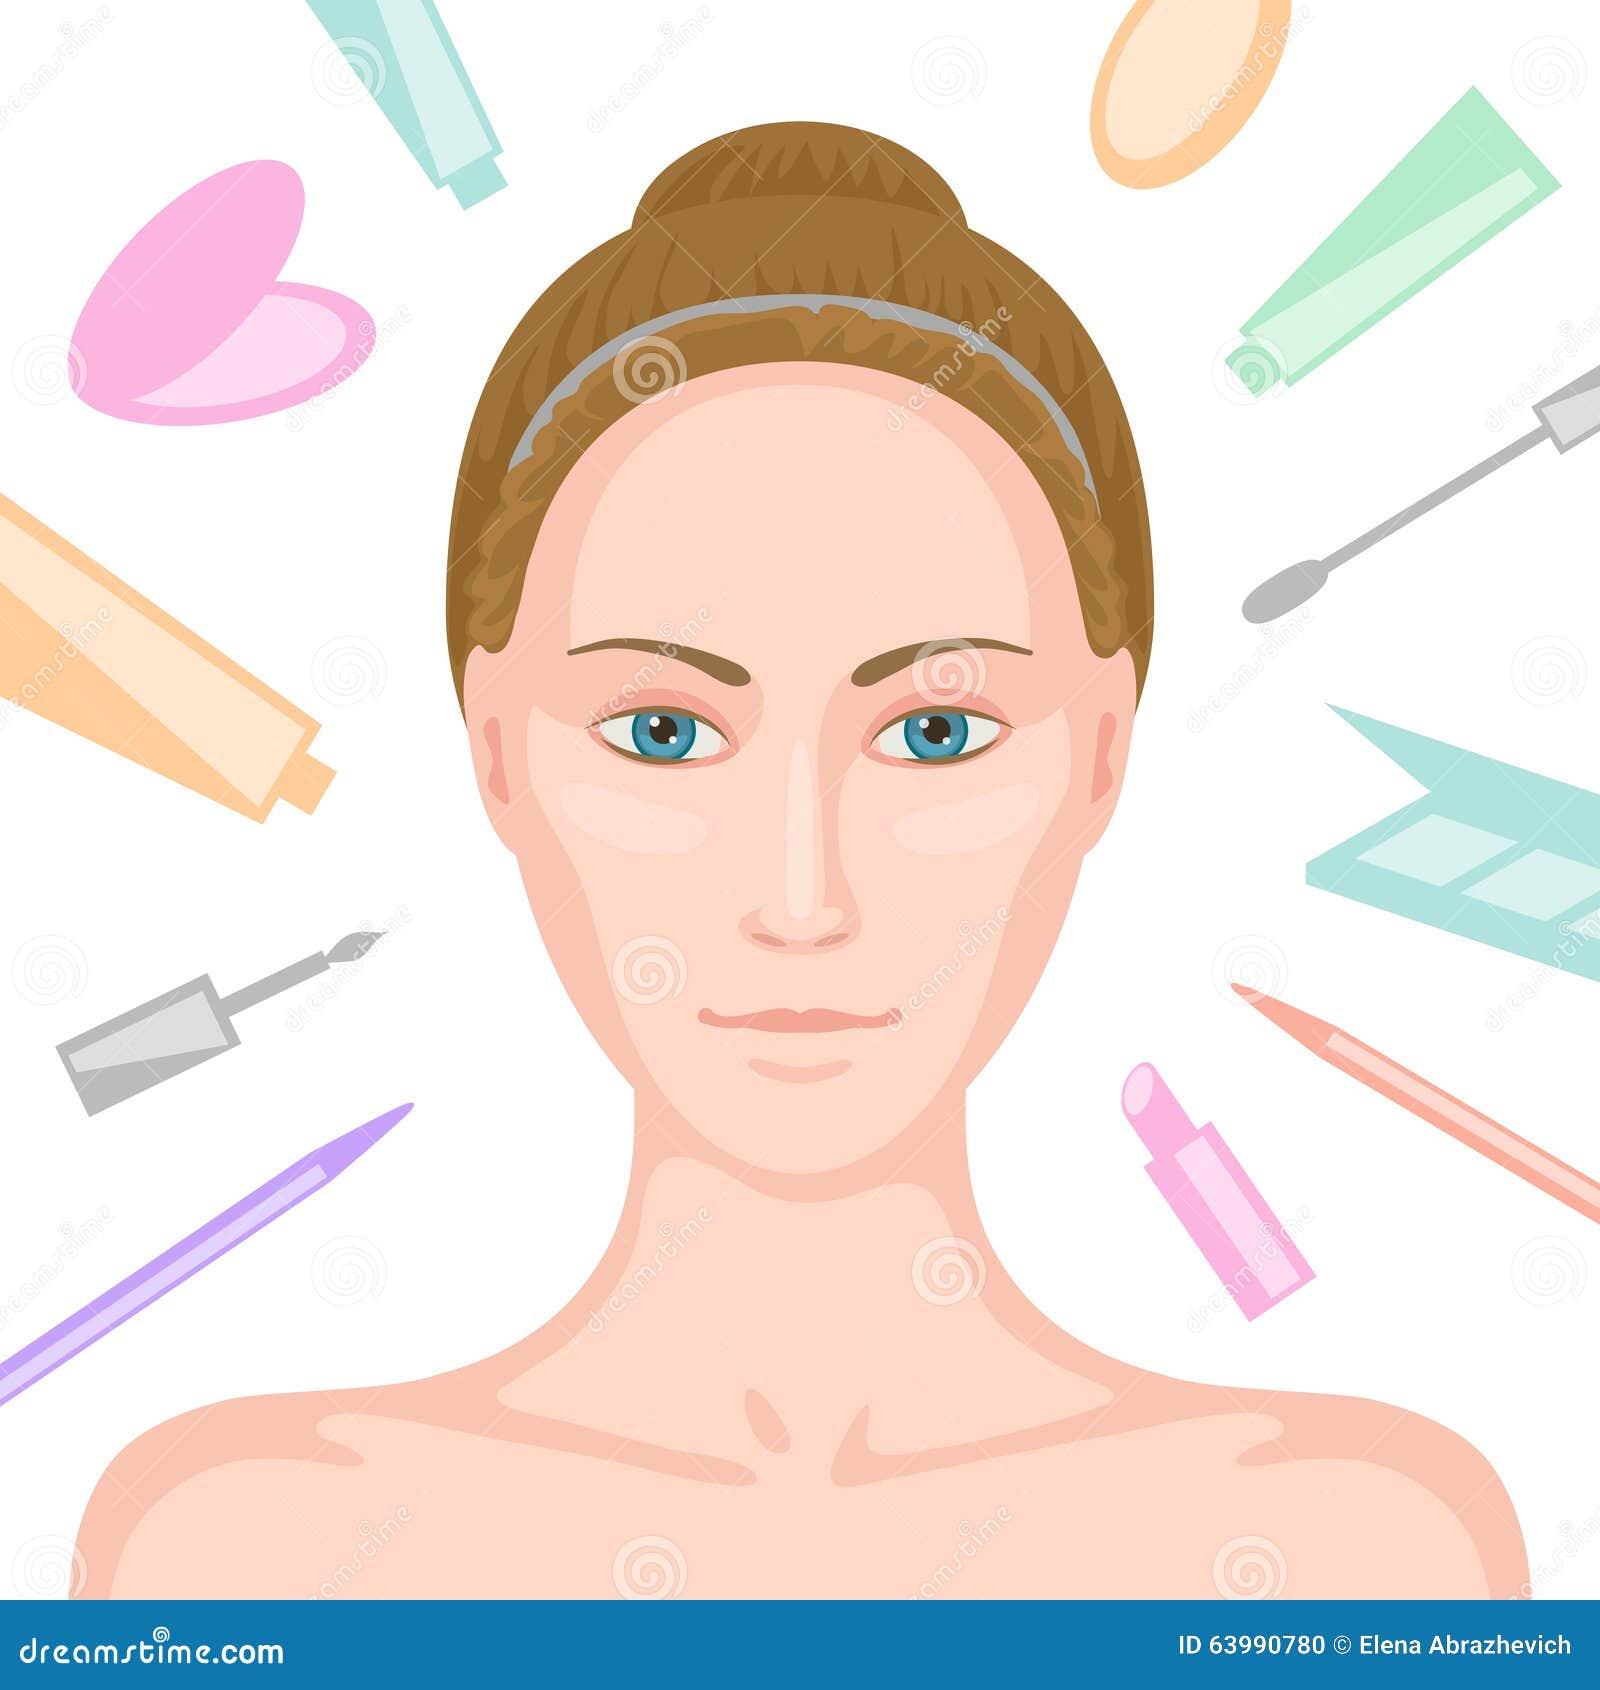 frau ohne make up und verschiedene kosmetik herum vektor abbildung bild 63990780. Black Bedroom Furniture Sets. Home Design Ideas